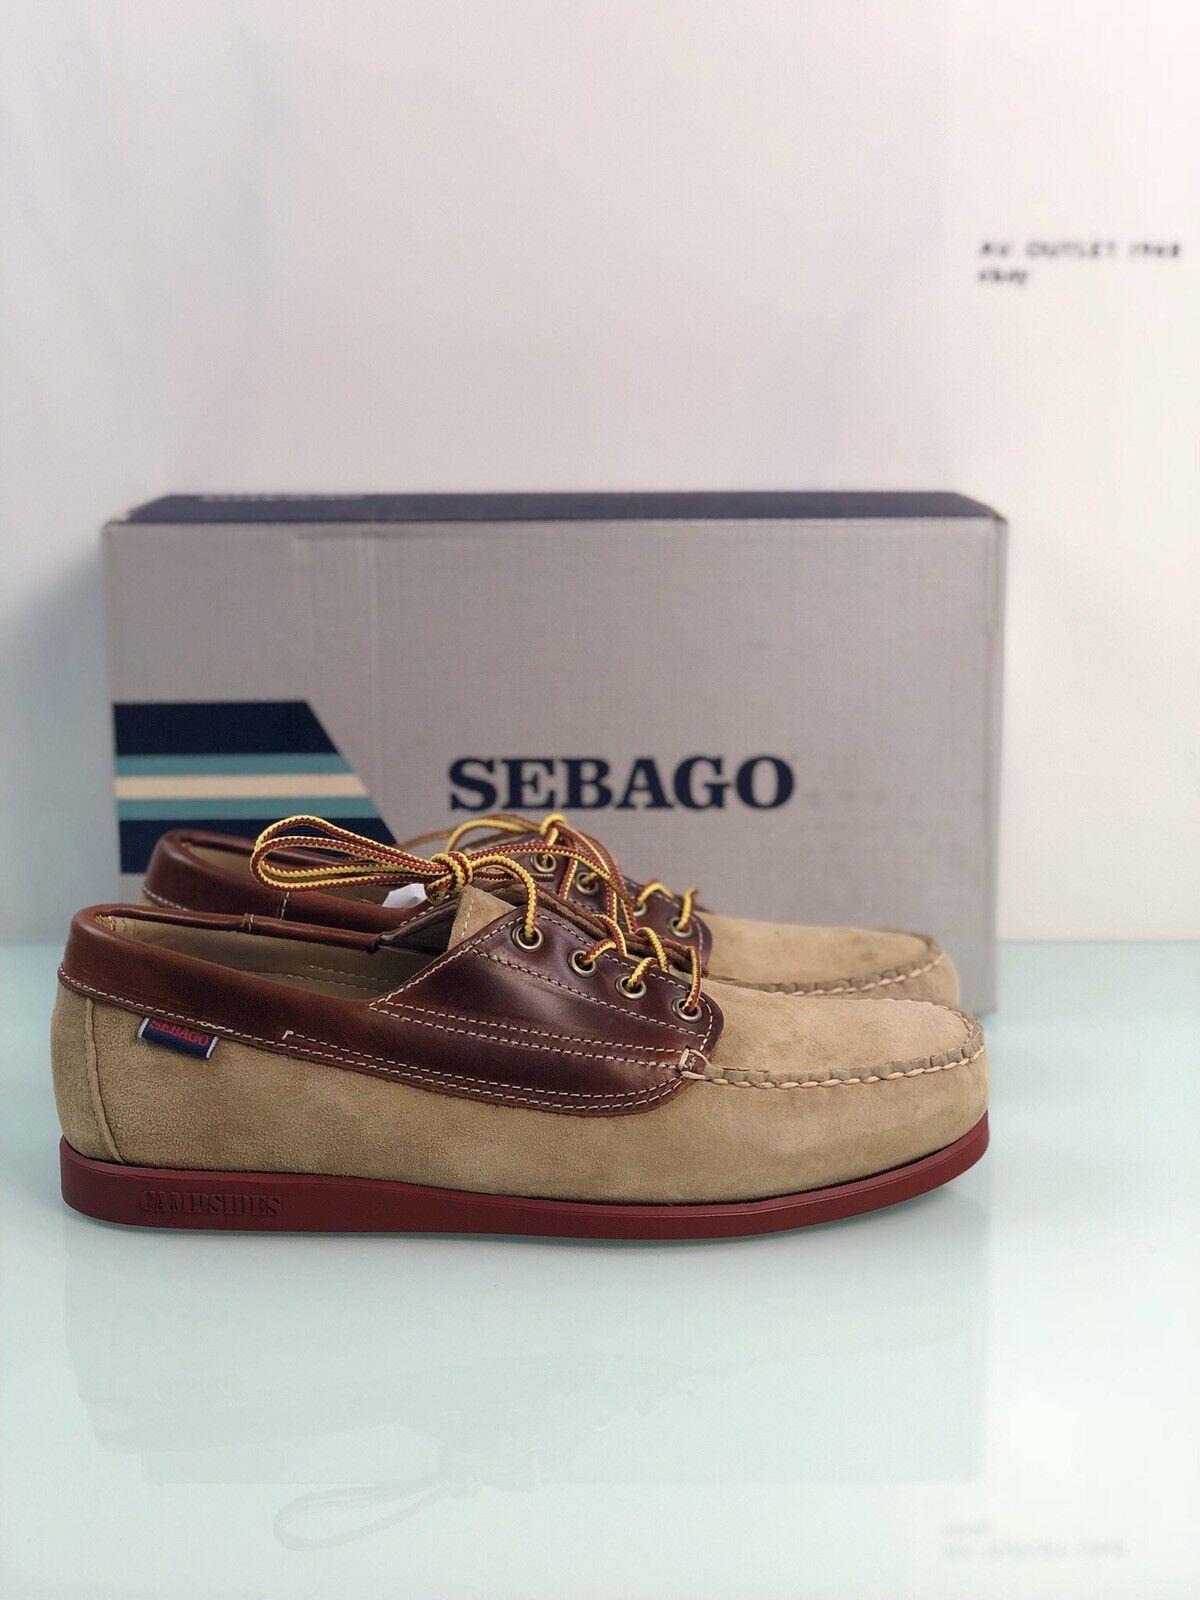 chaussure Sebago Verhaltensregeln Mann und Veloursleder und Mann Leder,chaussure c04224